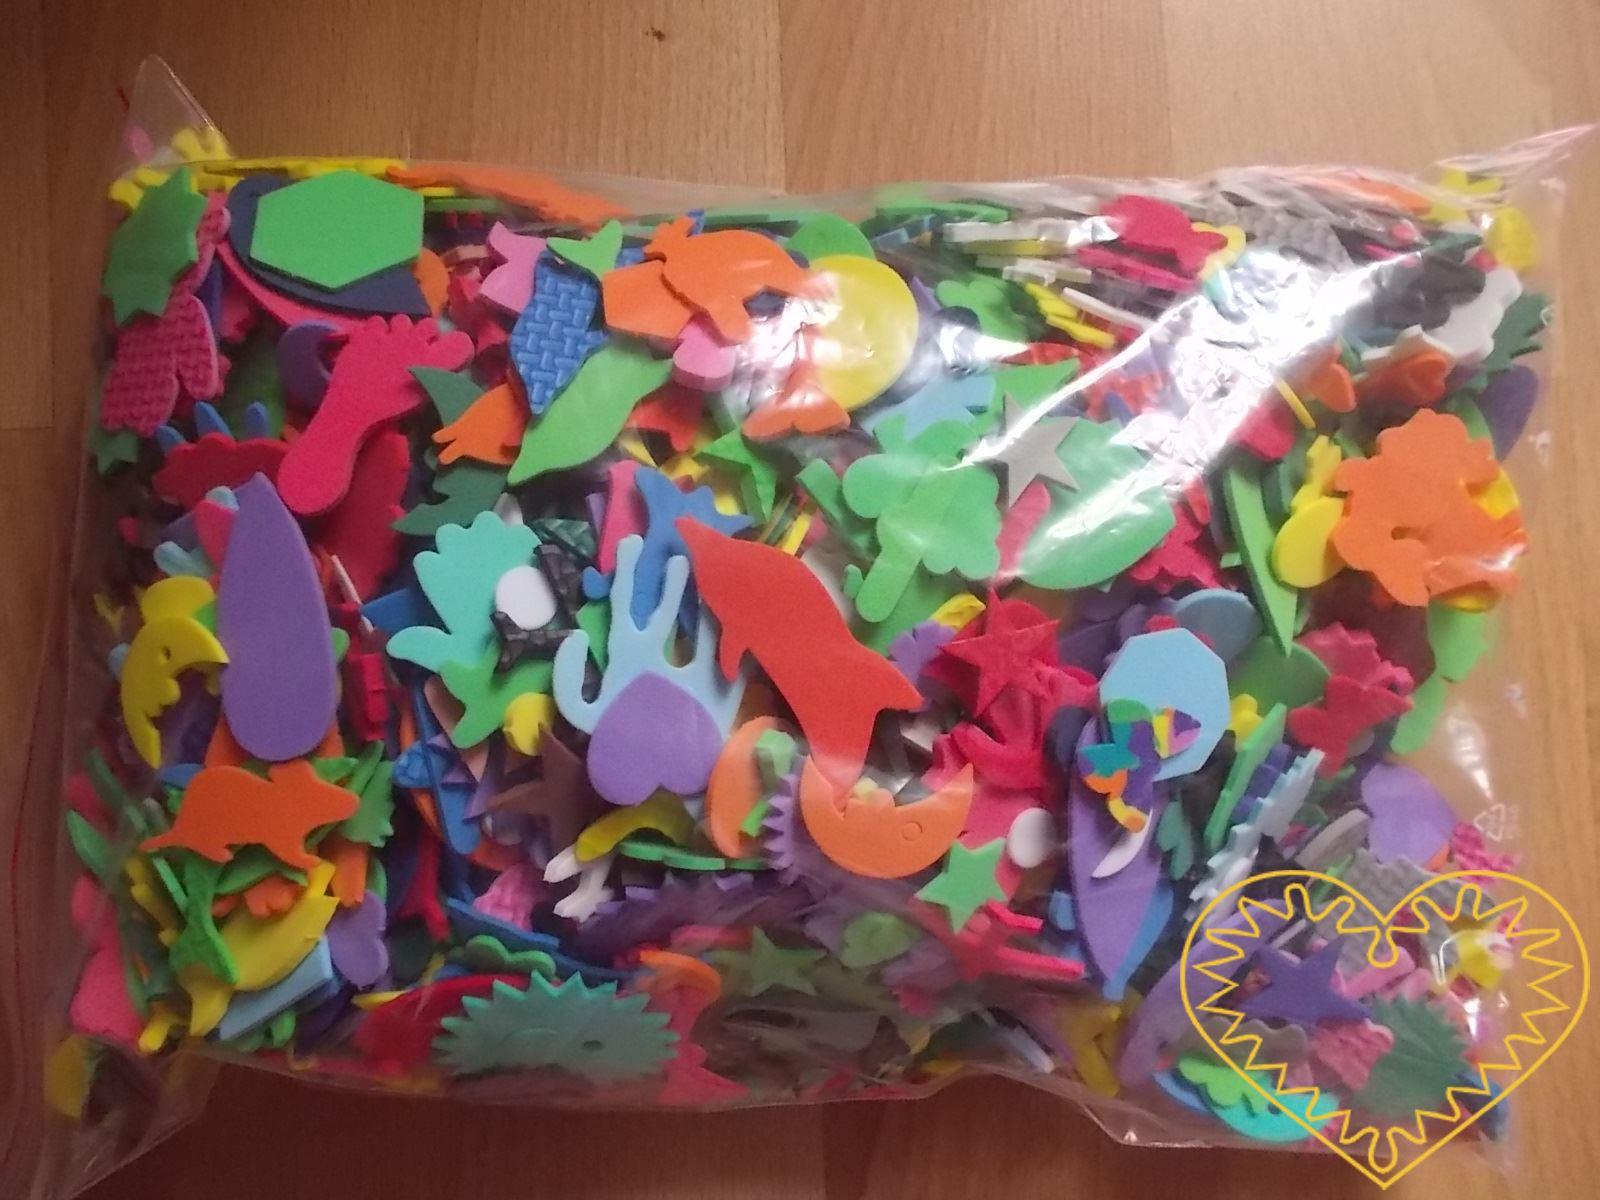 Maxi sada výseků z mechové / pěnové gumy různých tvarů - zvířat, rostlin geometricých vzorů, dopravních prostředků hvězdiček a to v různých velikostech. Pěkný materiál pro děti, mateřské školy i základní školy. Užívá se pro kreativní tvoření, výrobu